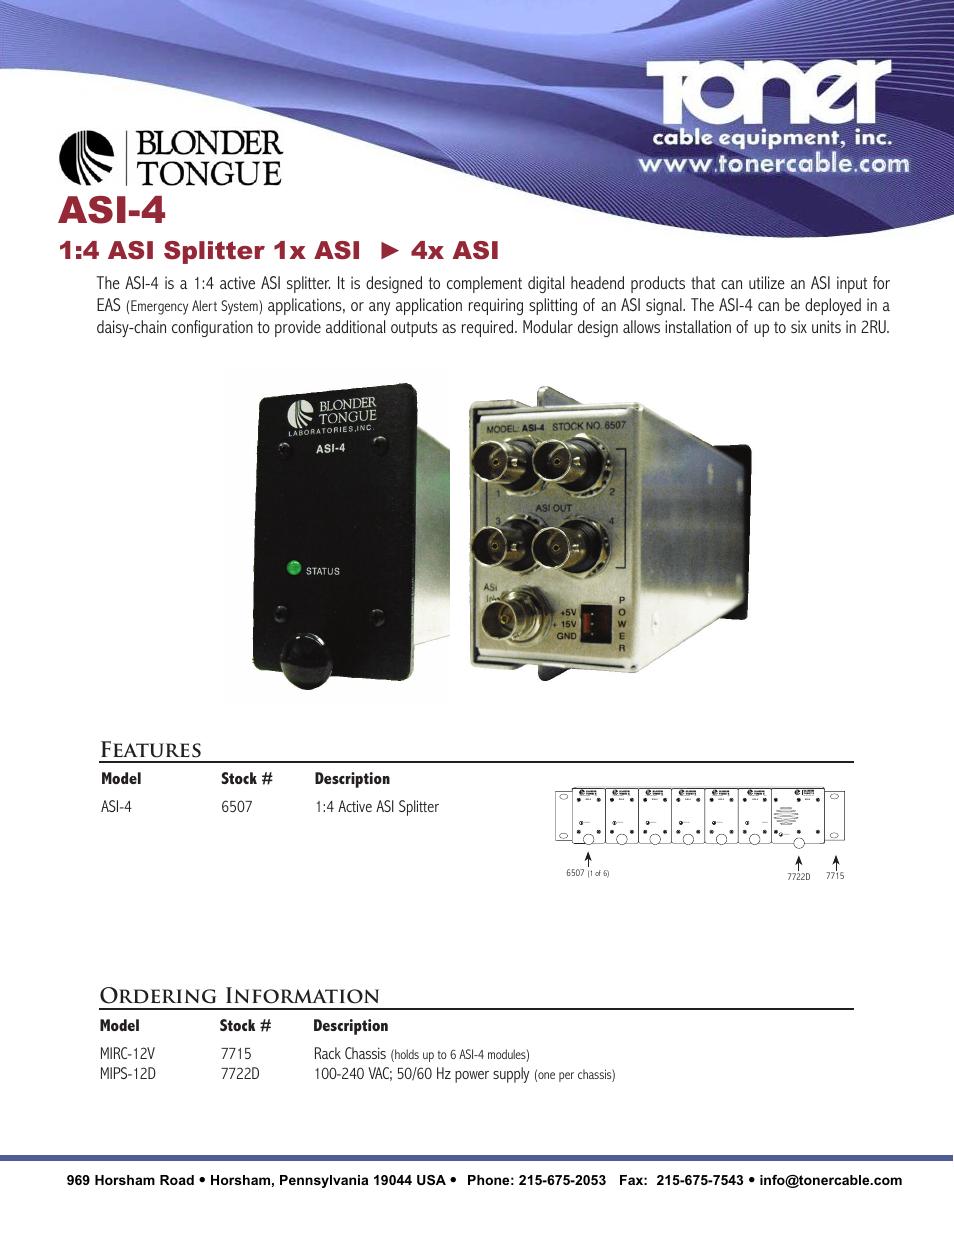 Toner Cable ASI-4 1:4 ASI Splitter 1x ASI - 4x ASI User